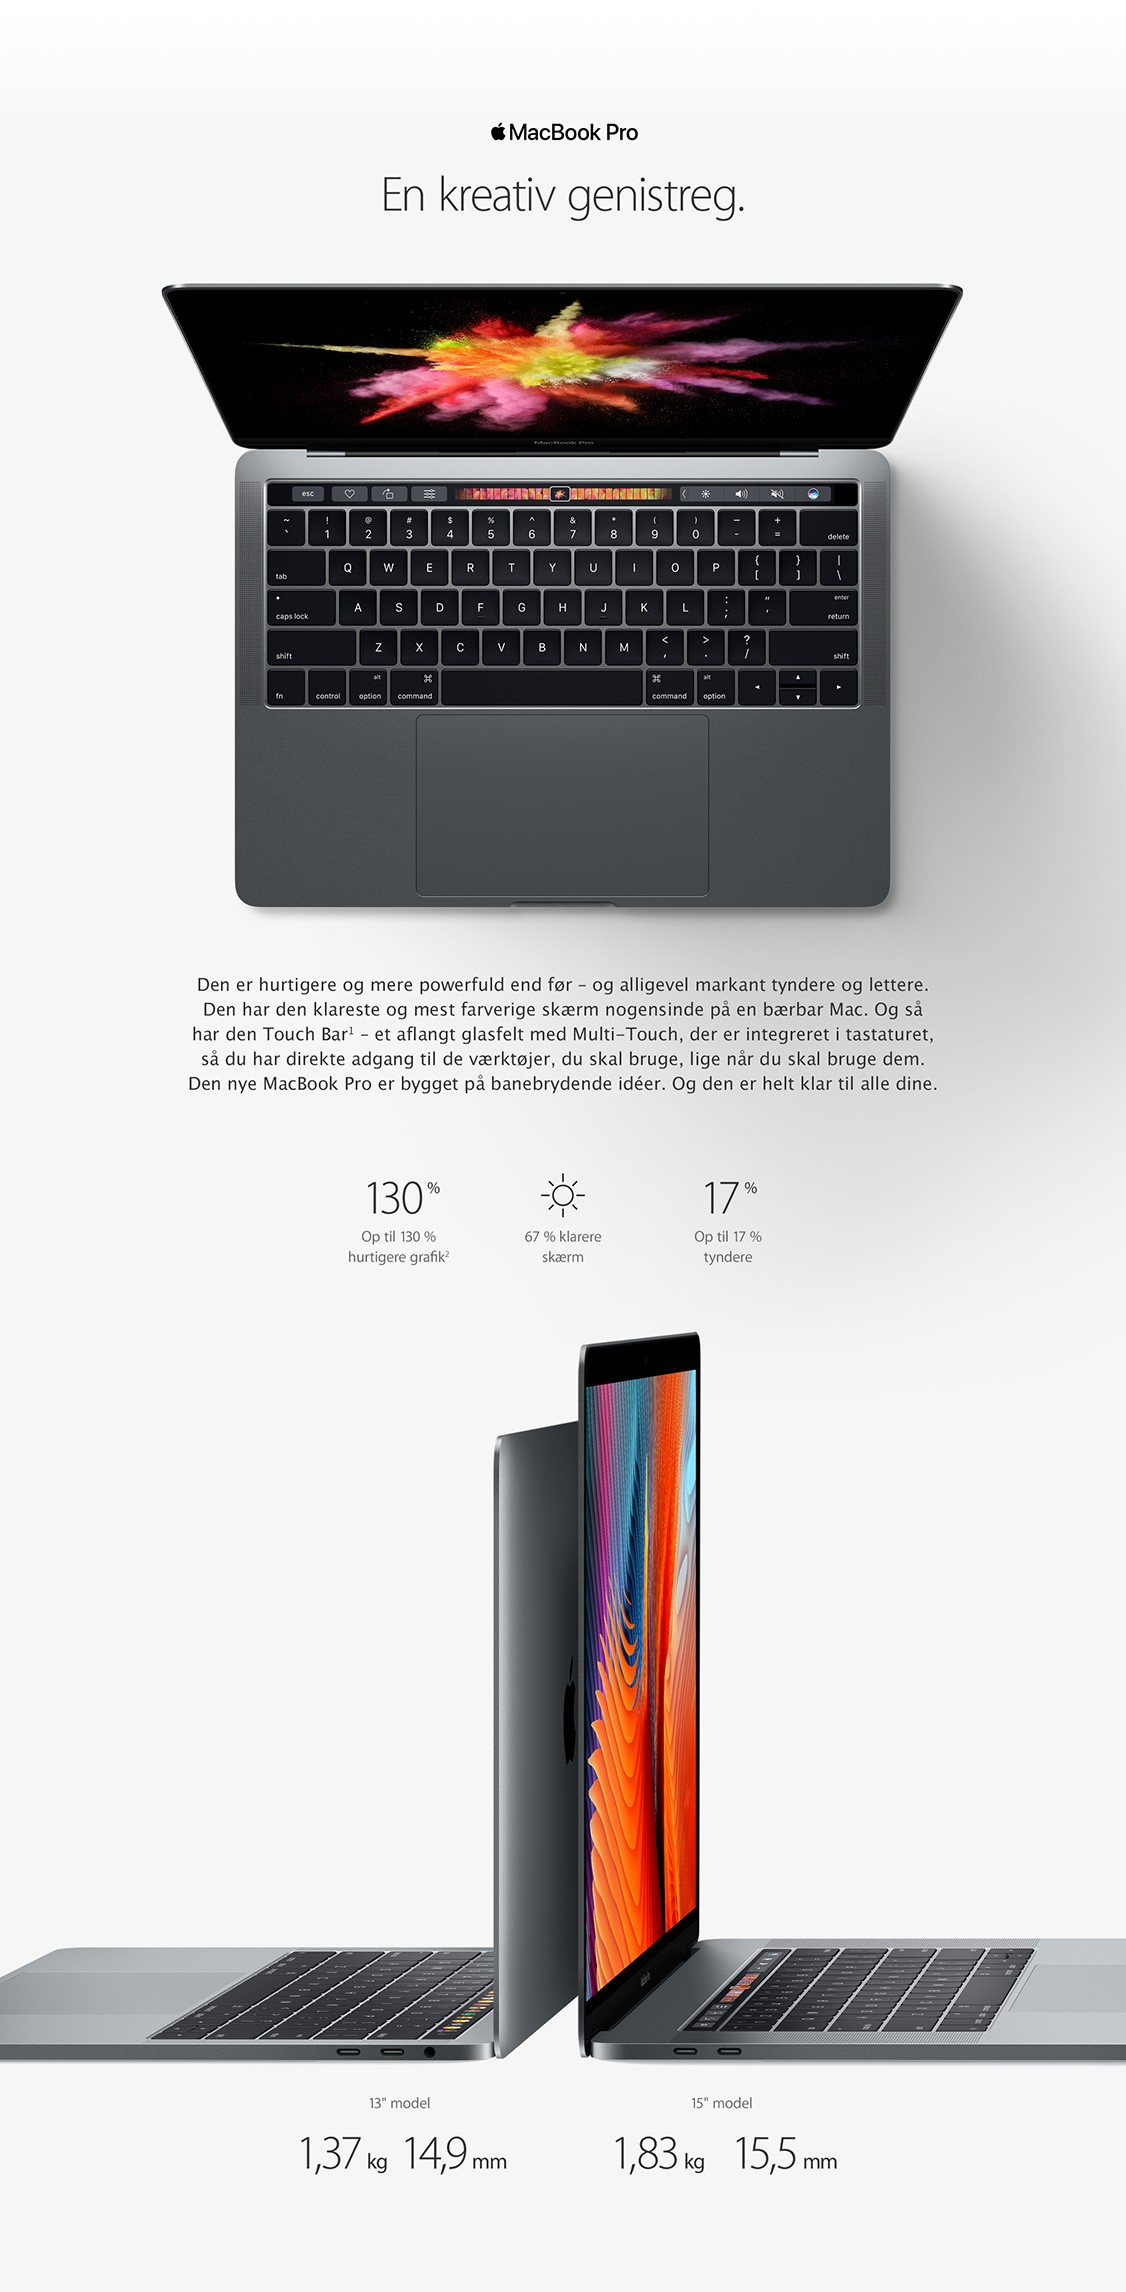 Oplev en kreativ genistreg med MacBook Pro